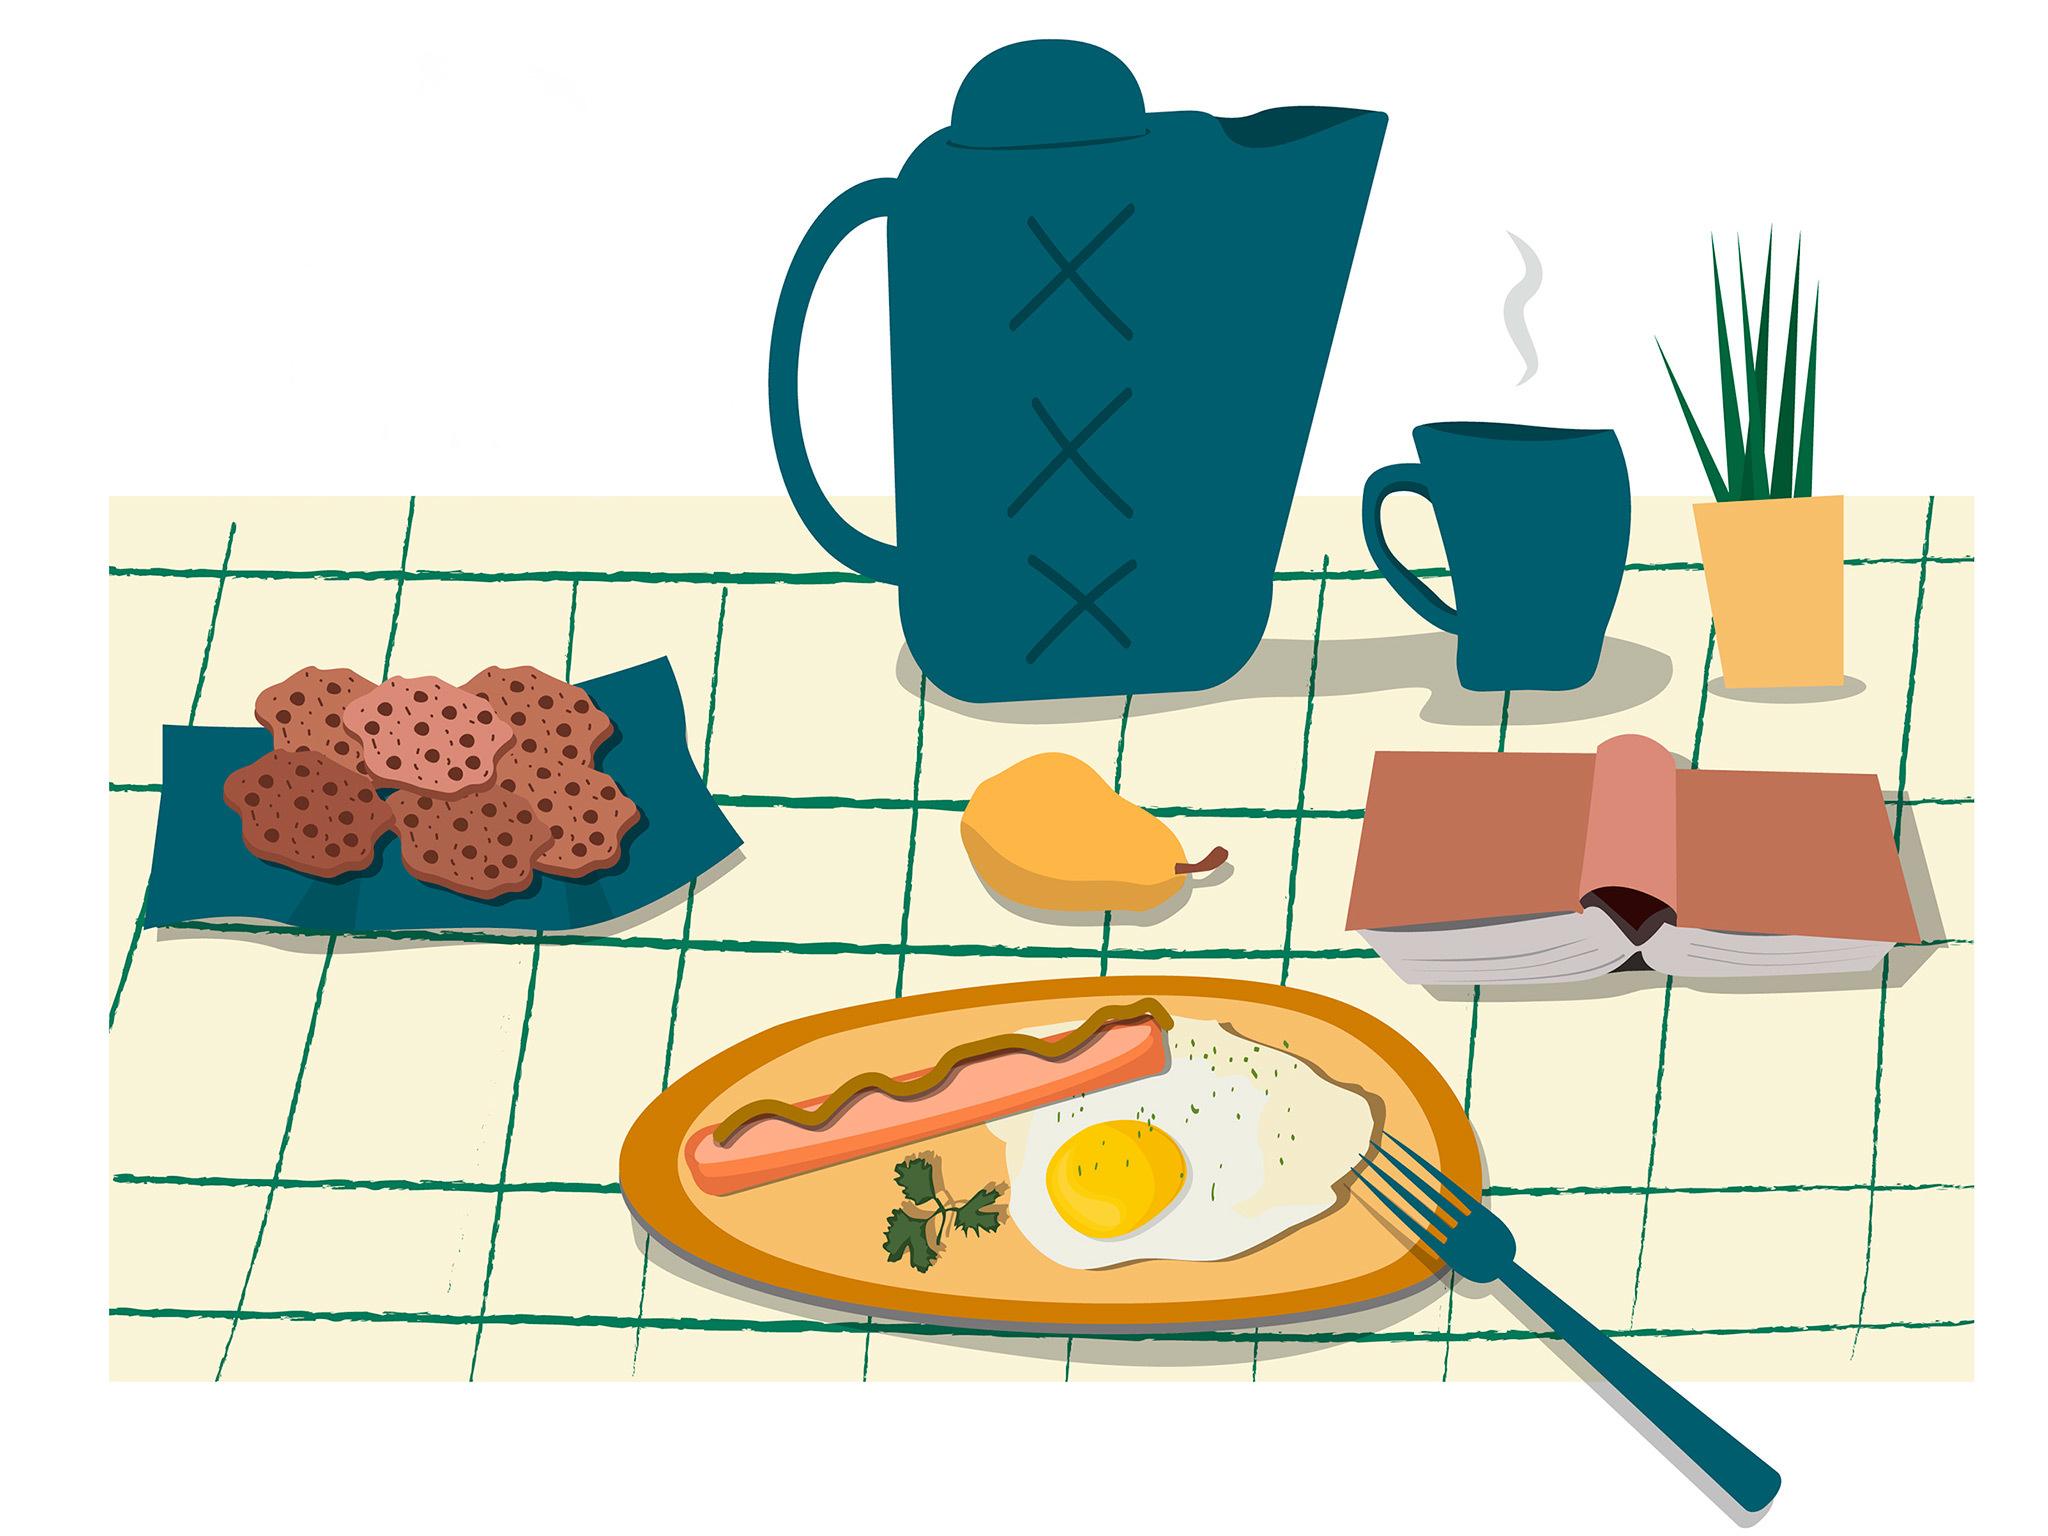 Llibres de literatura gastronòmica